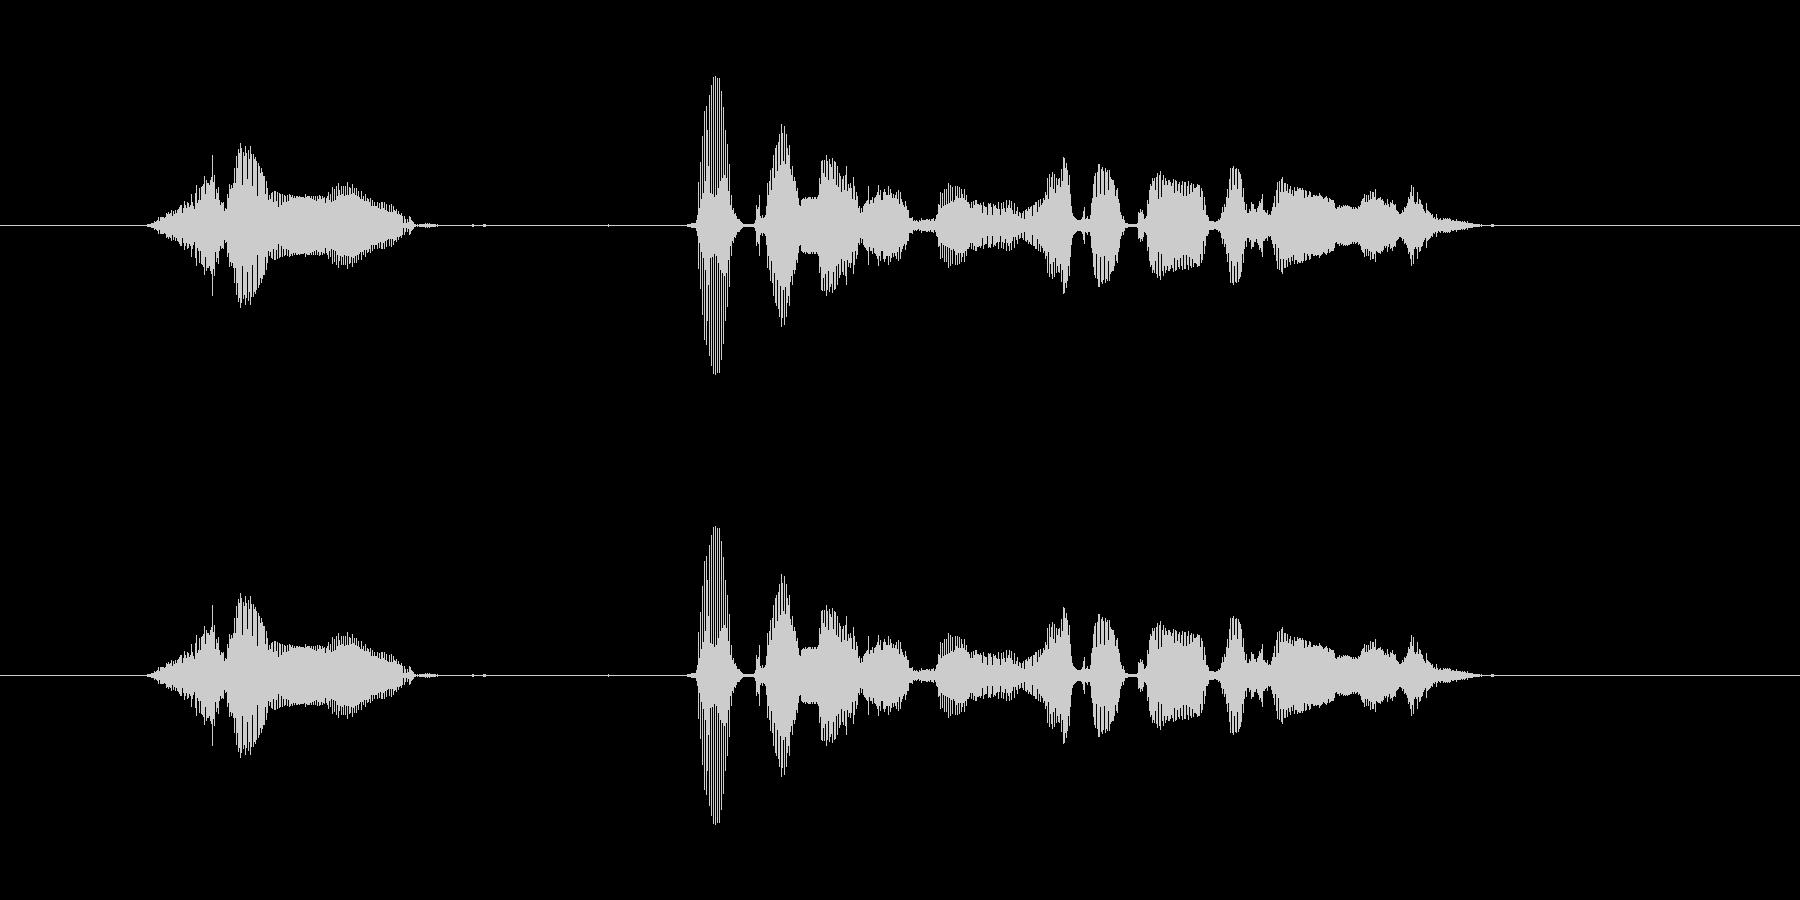 【行事・イベント・挨拶】新年、明けまし…の未再生の波形